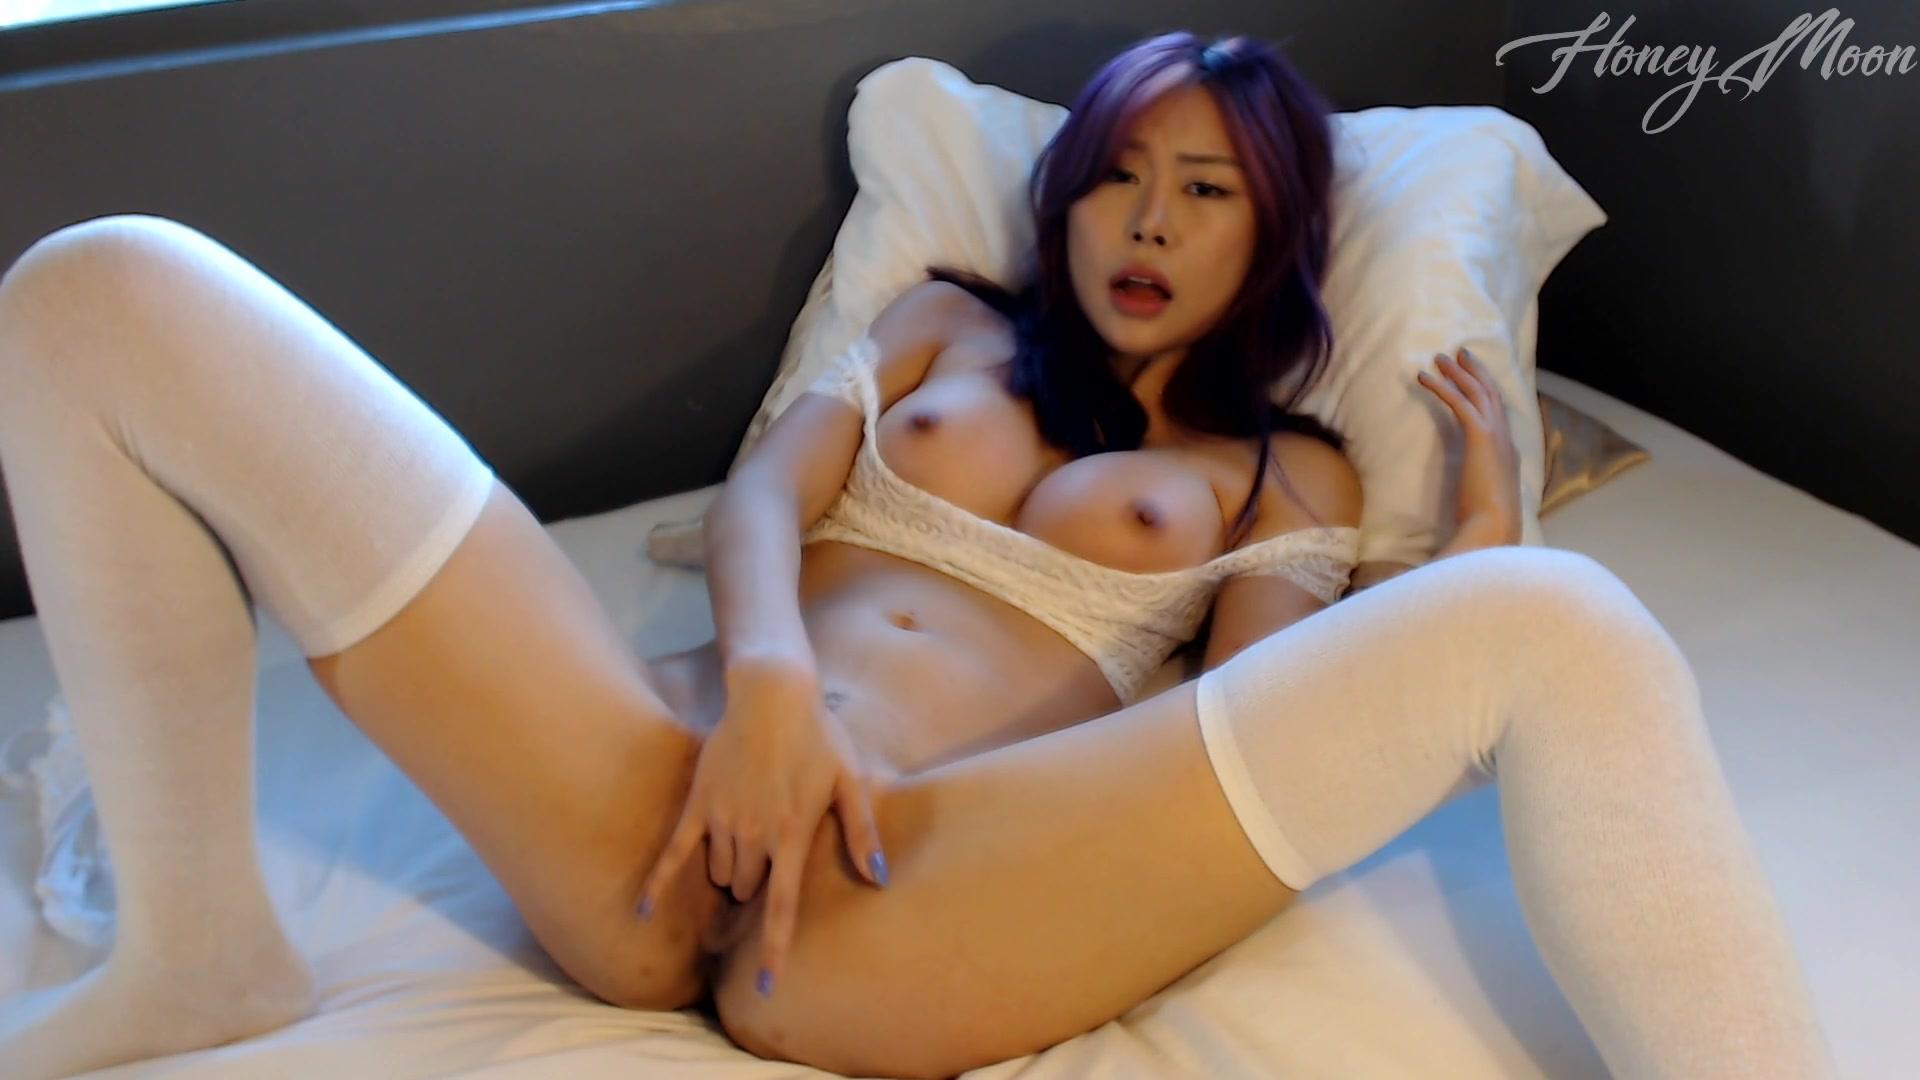 moon korean pornstar Honey